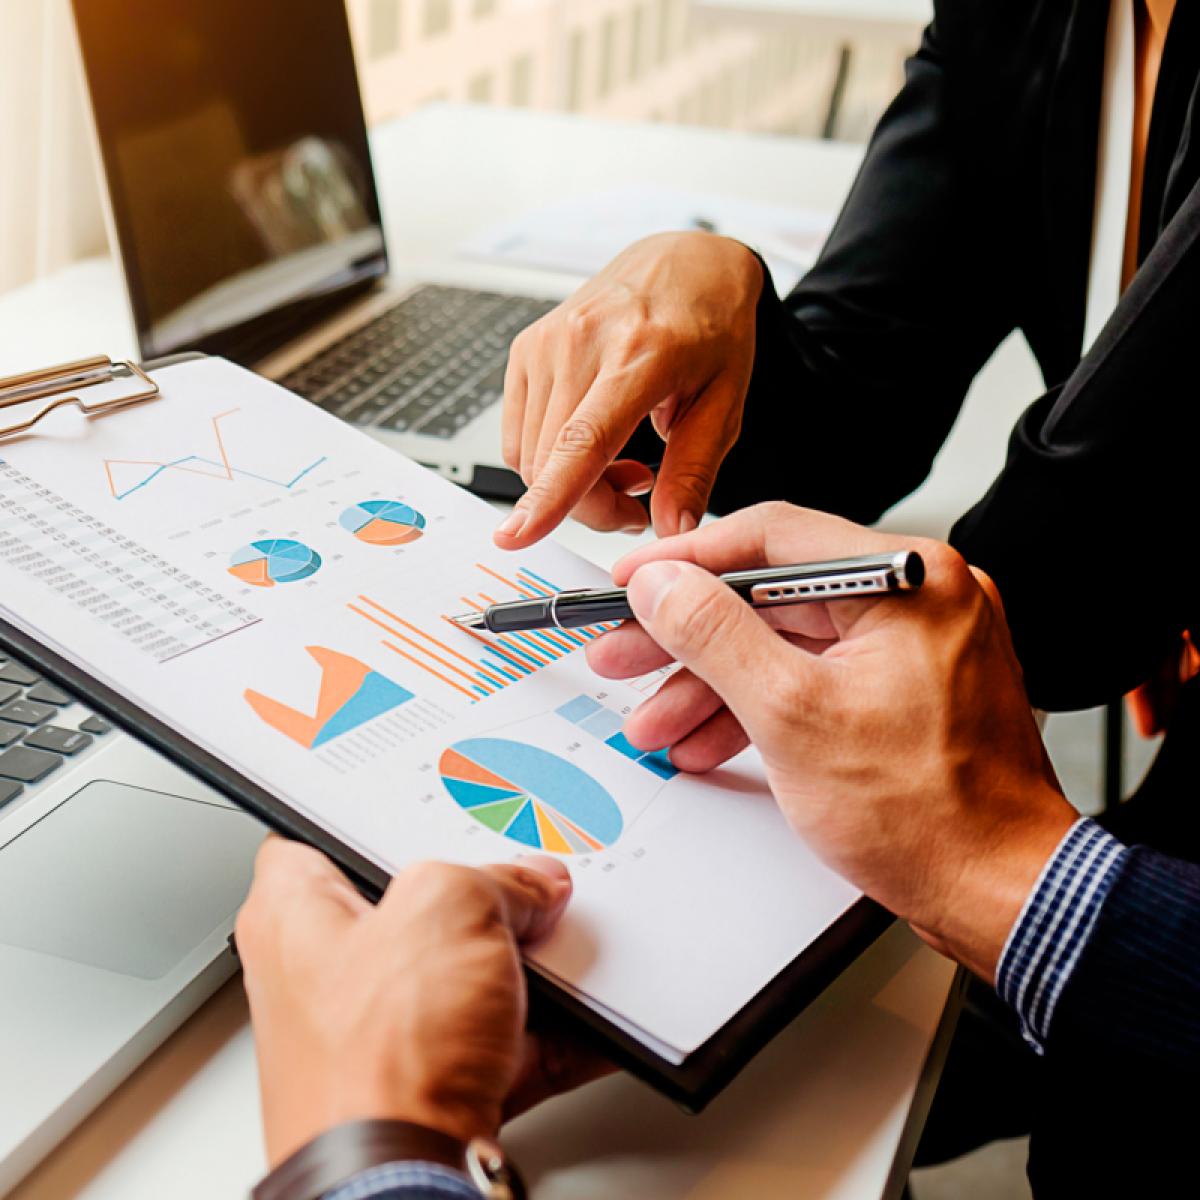 Imagens: Dicas de contabilidade básica para começar seu negócio